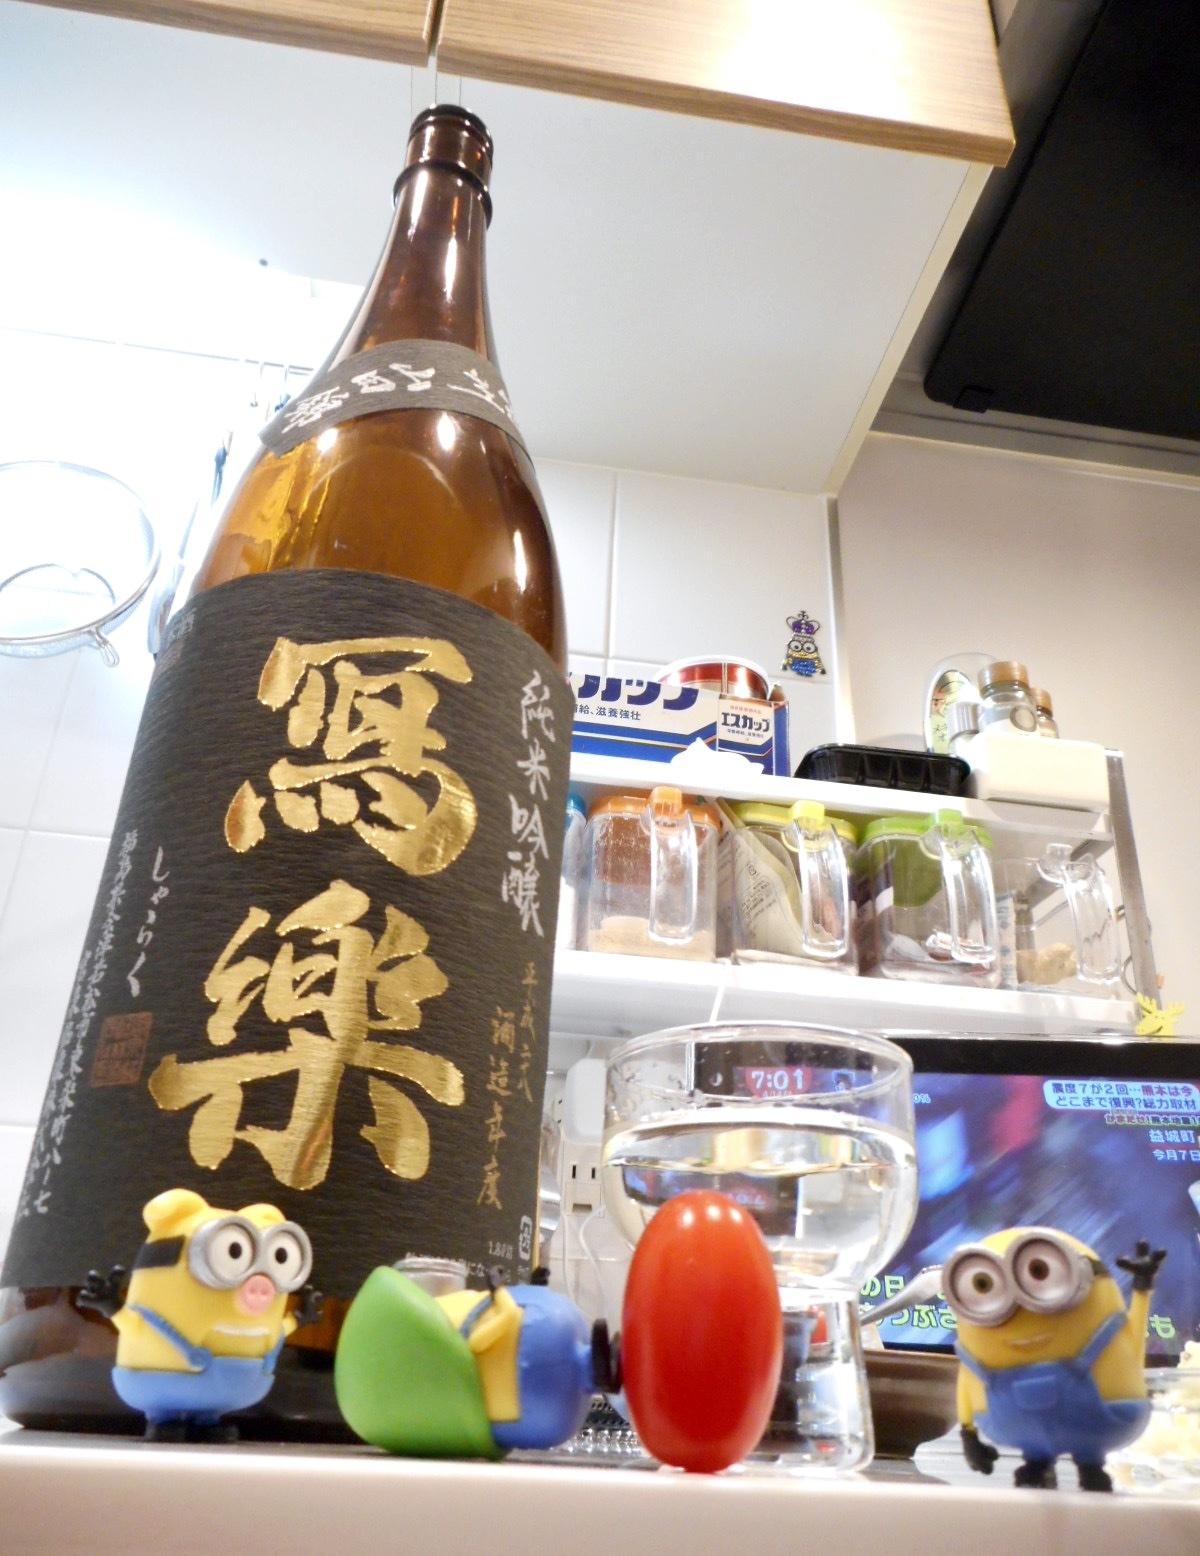 sharaku_yamada50nama28by16.jpg